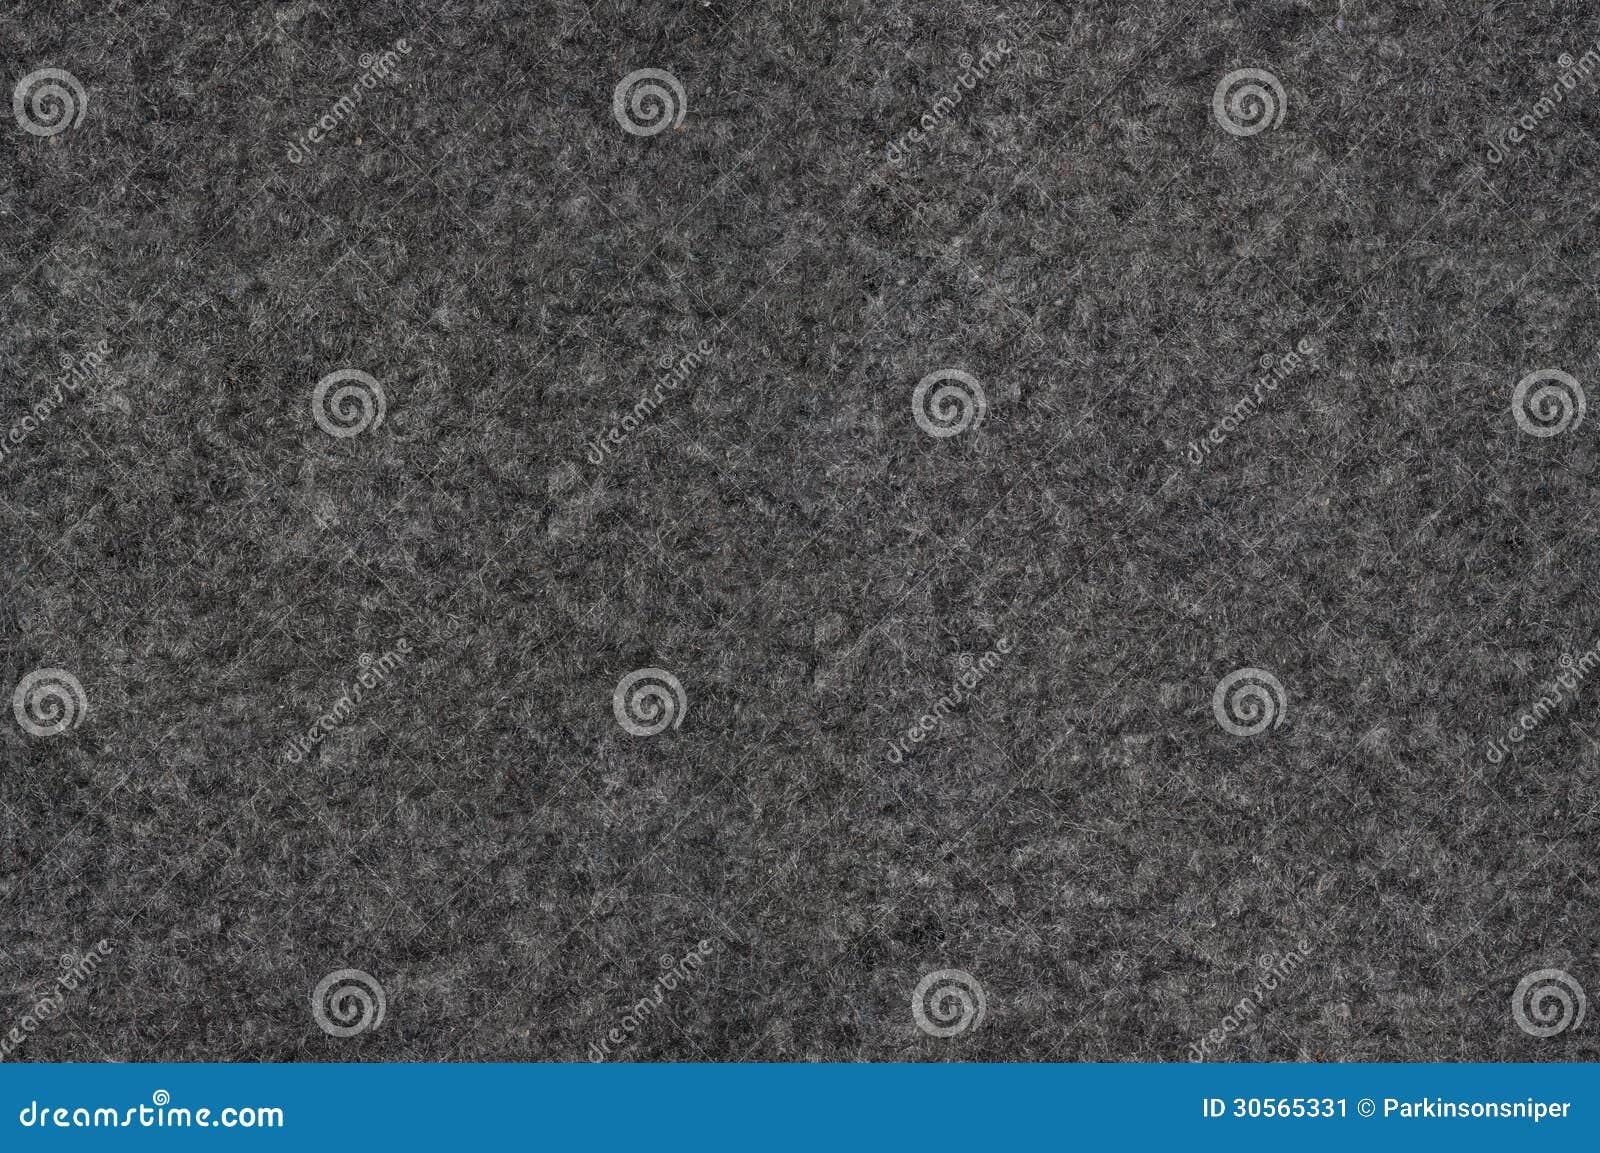 Fußboden Teppich Grau ~ Nahtloser boden teppich stockbild bild von teppich haus